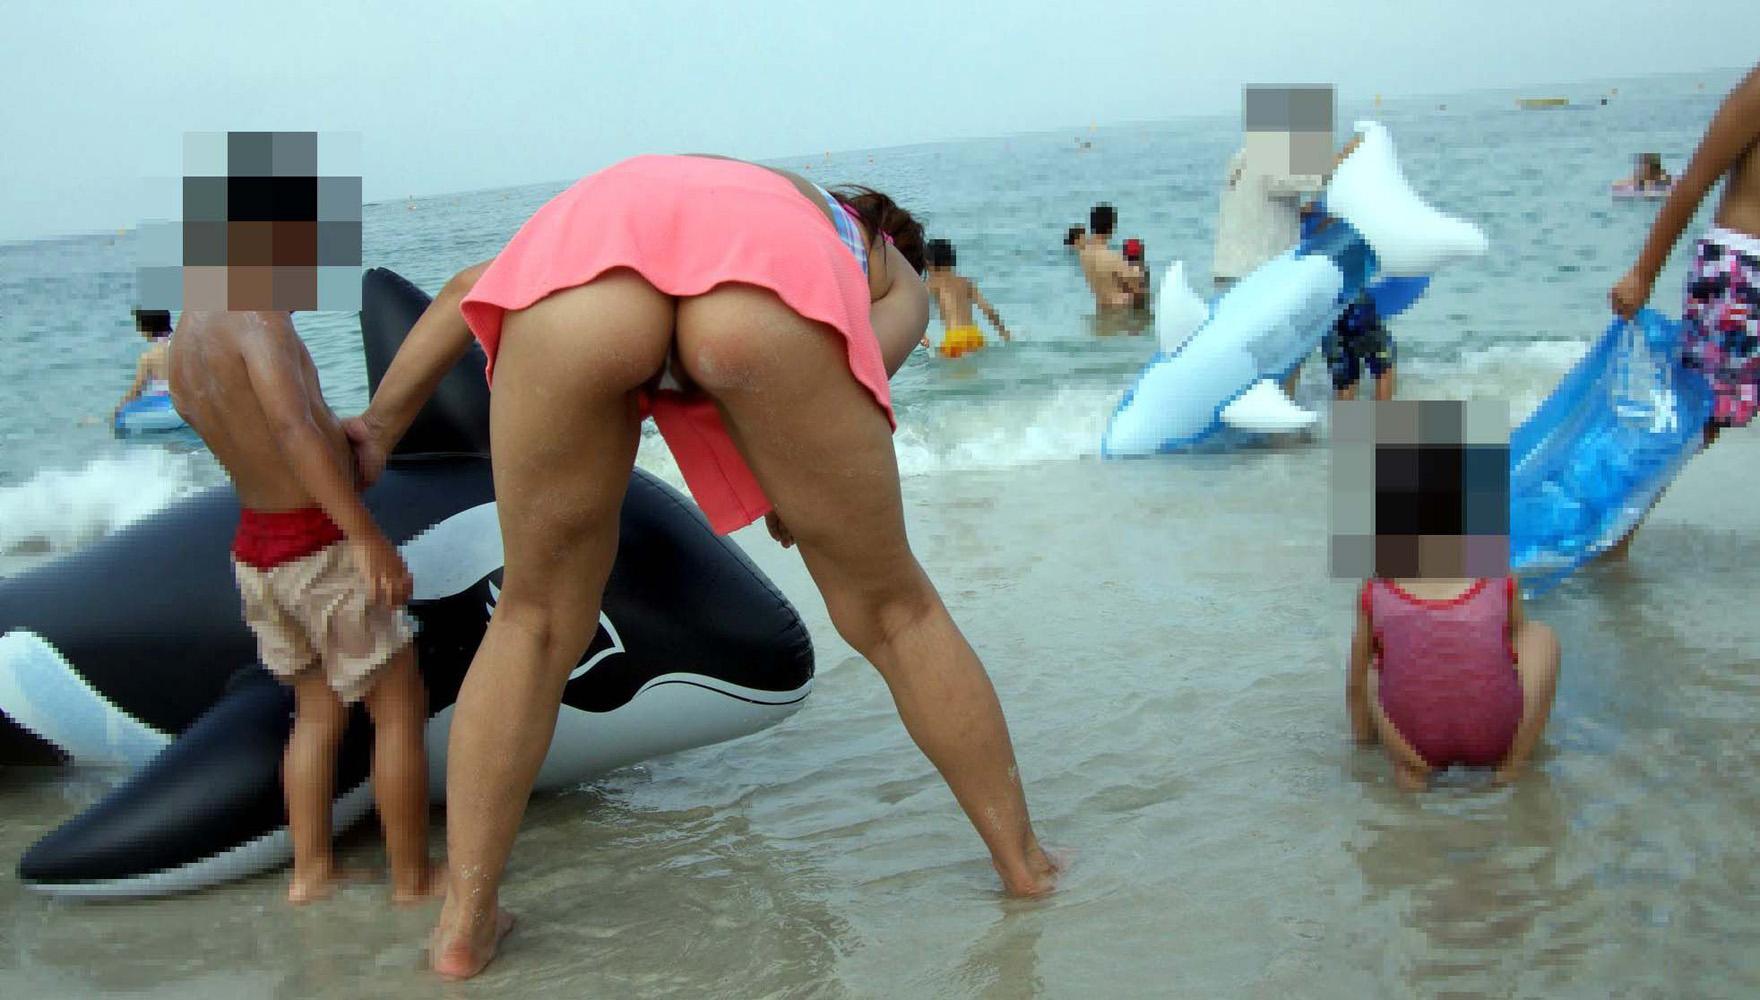 【水着尻エロ画像】日本でさまぁ~リゾートw尻丸出しのTバックをビーチで発見! 29